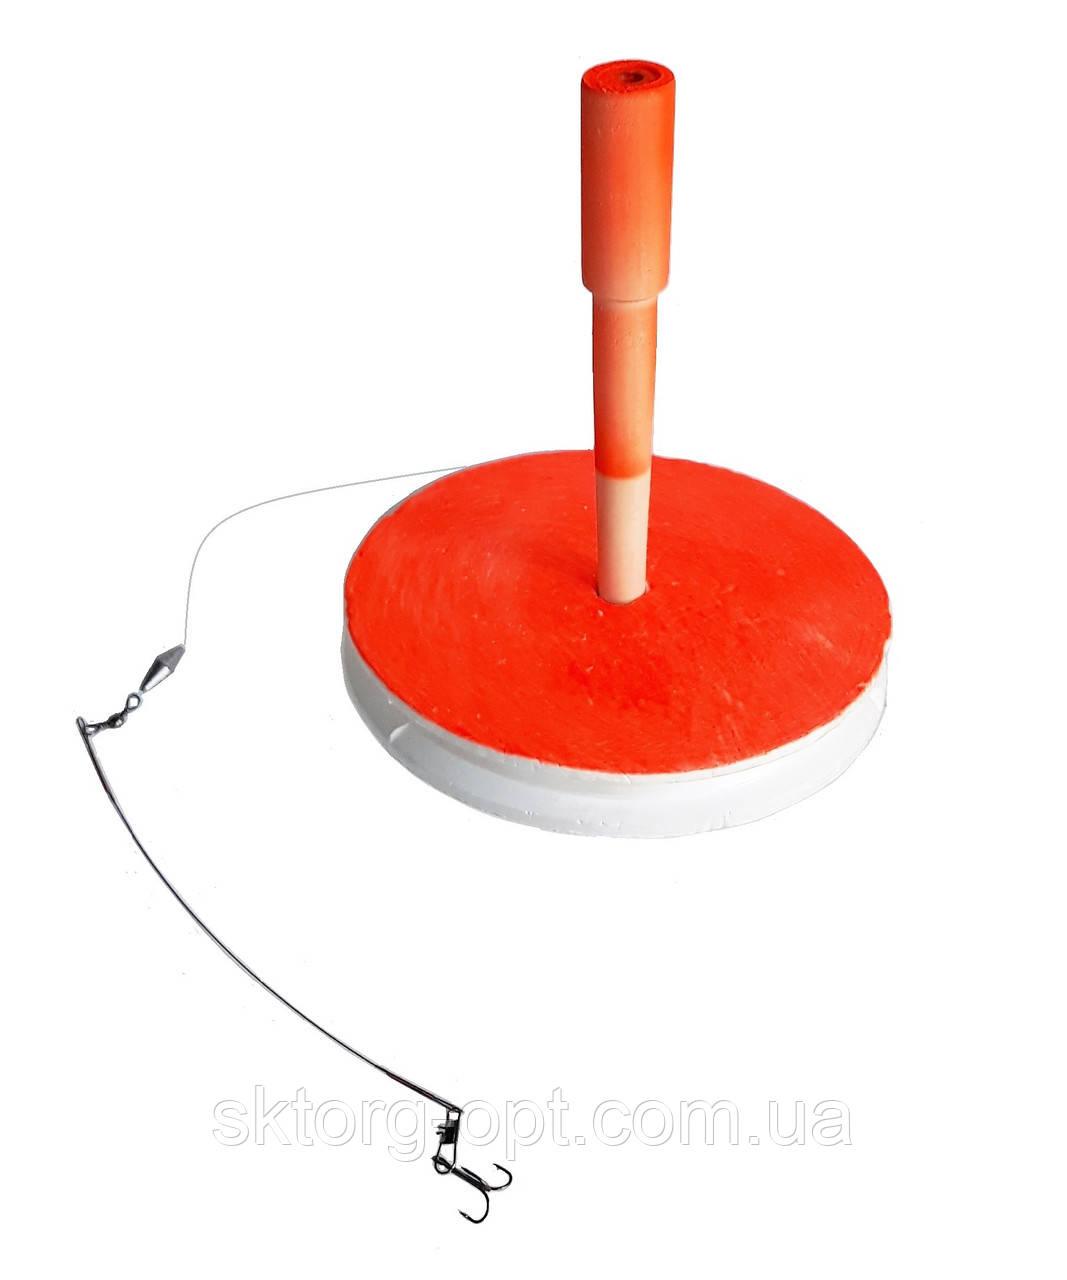 Кружок для щуки большой 150мм оснащенный